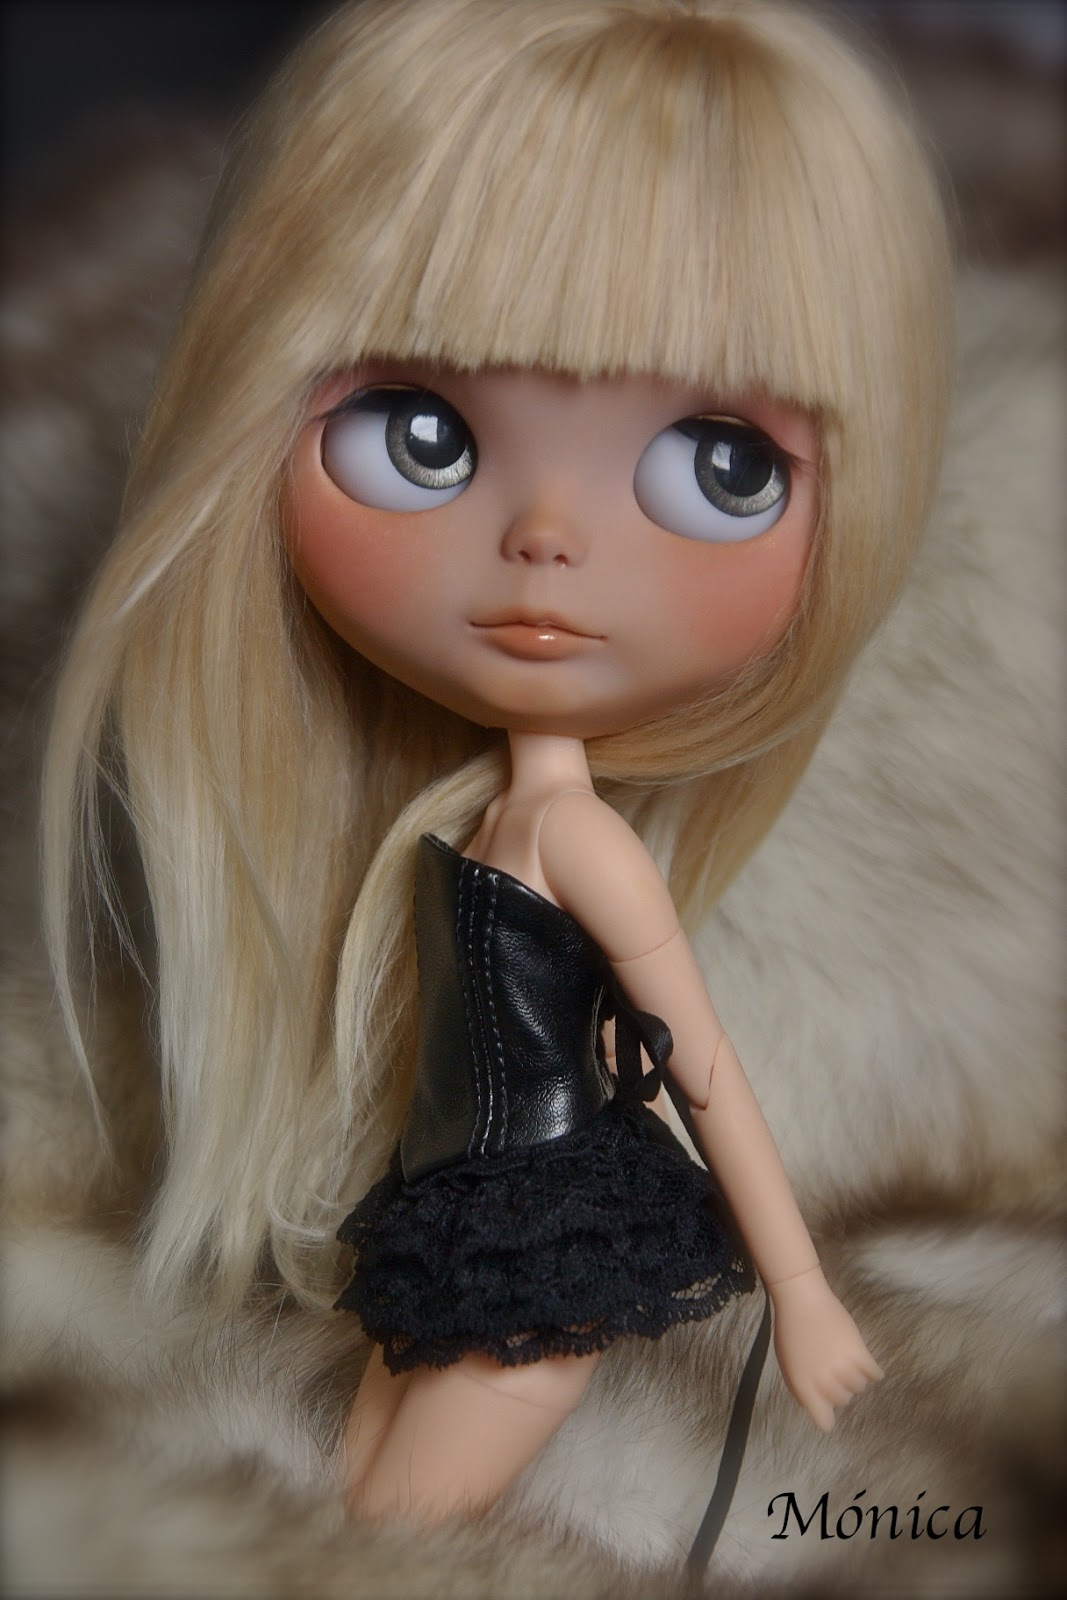 Monicadollys Ooak Blythe dolls